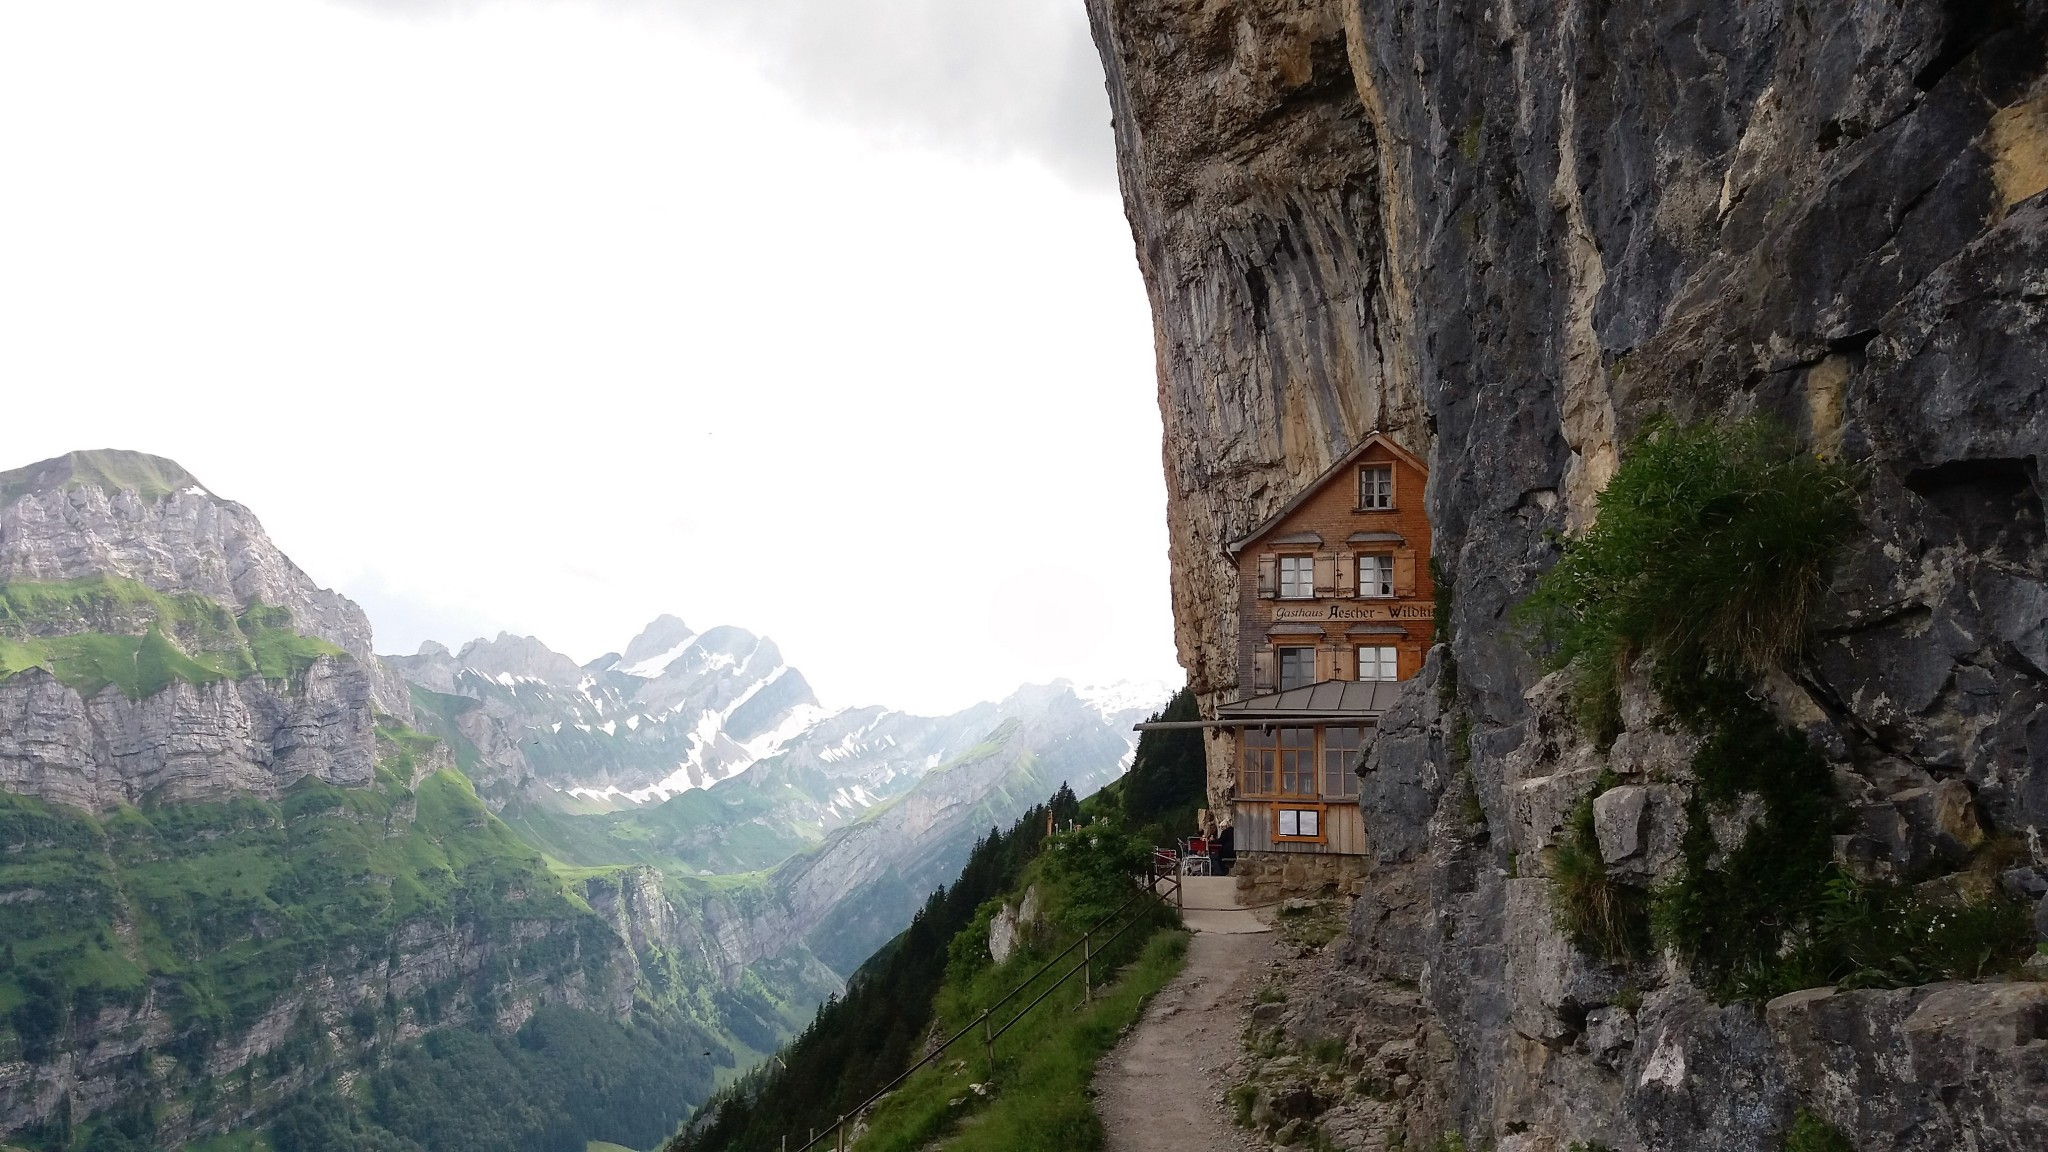 Berggasthaus Aescher-Wildkirchli 2